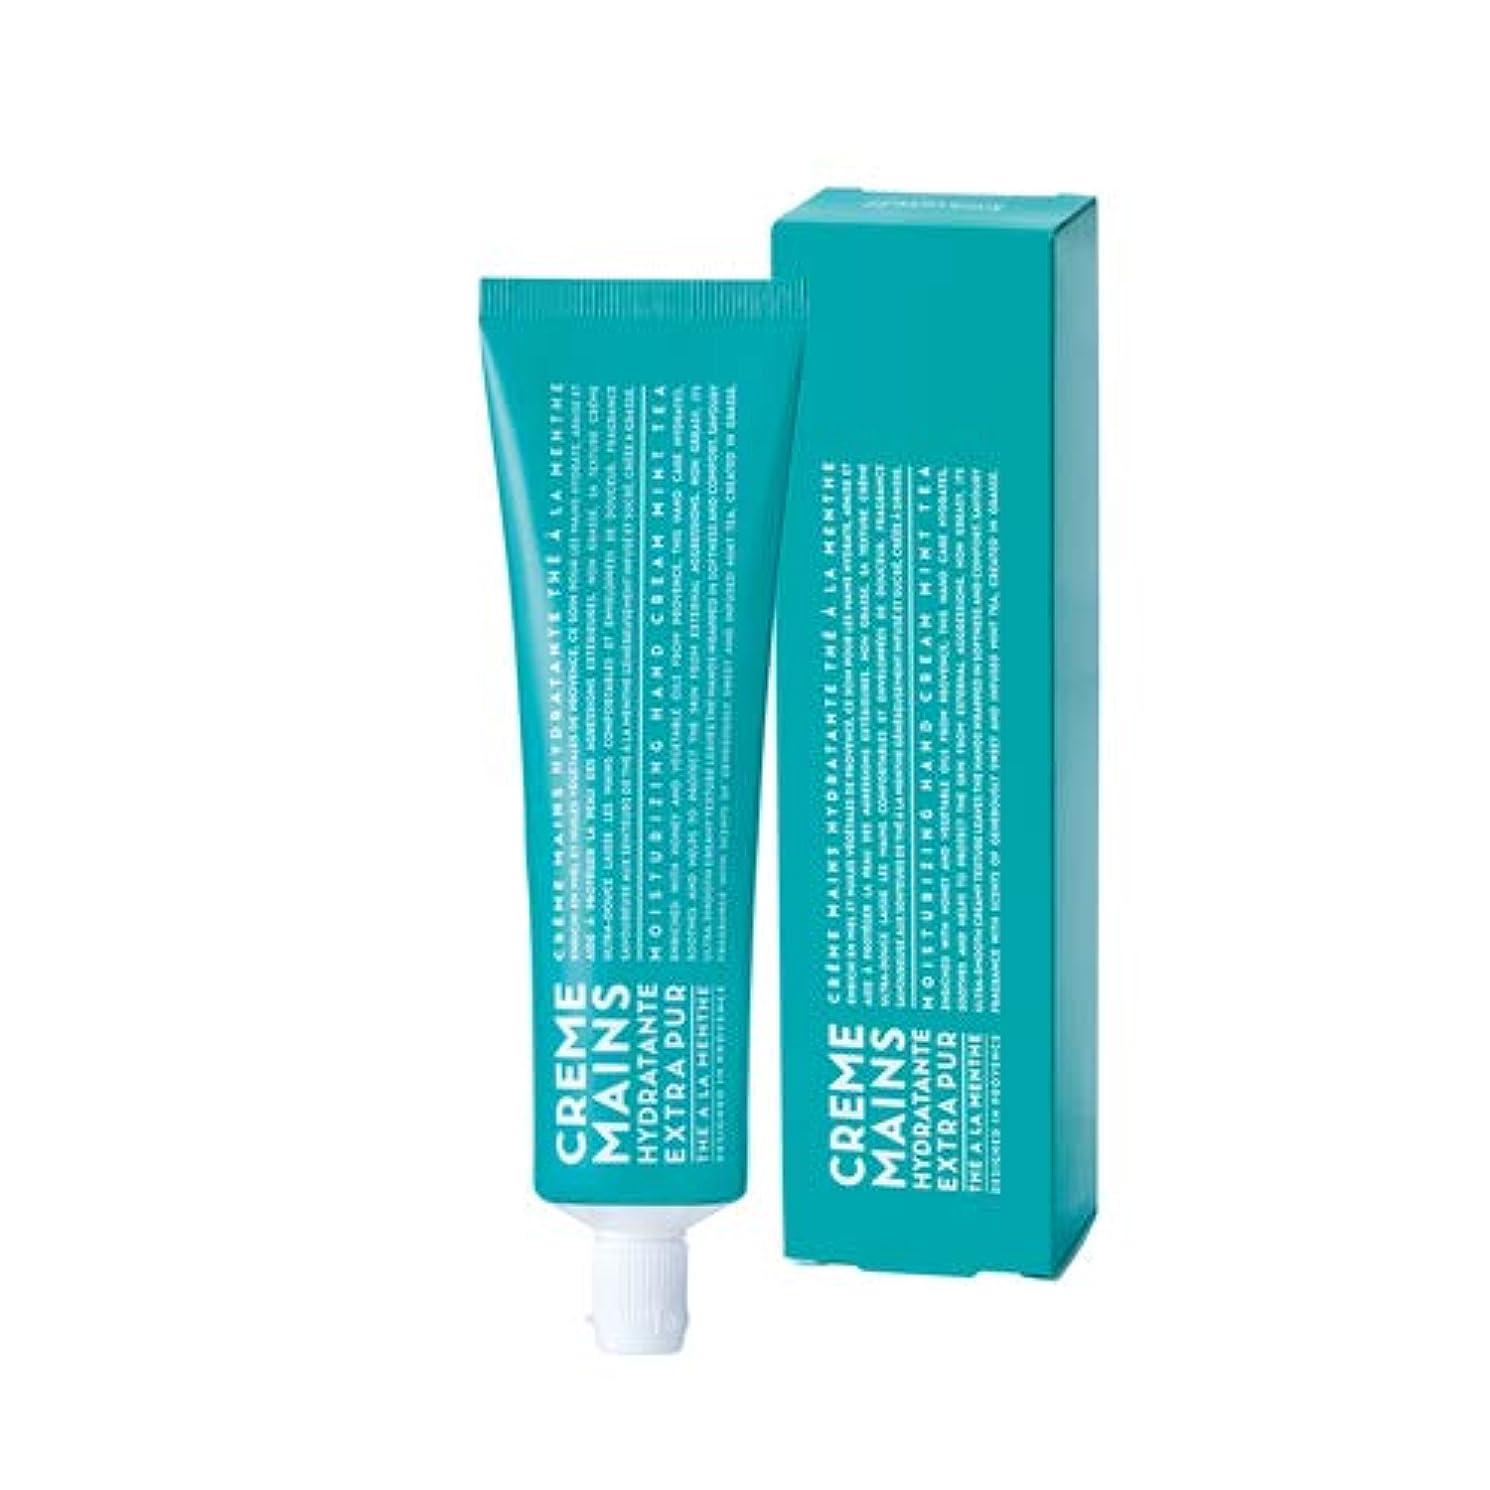 返済湿気の多いカーフカンパニードプロバンス ハンドクリーム ミントティー 100mL (手肌用保湿 爽やかな香り)